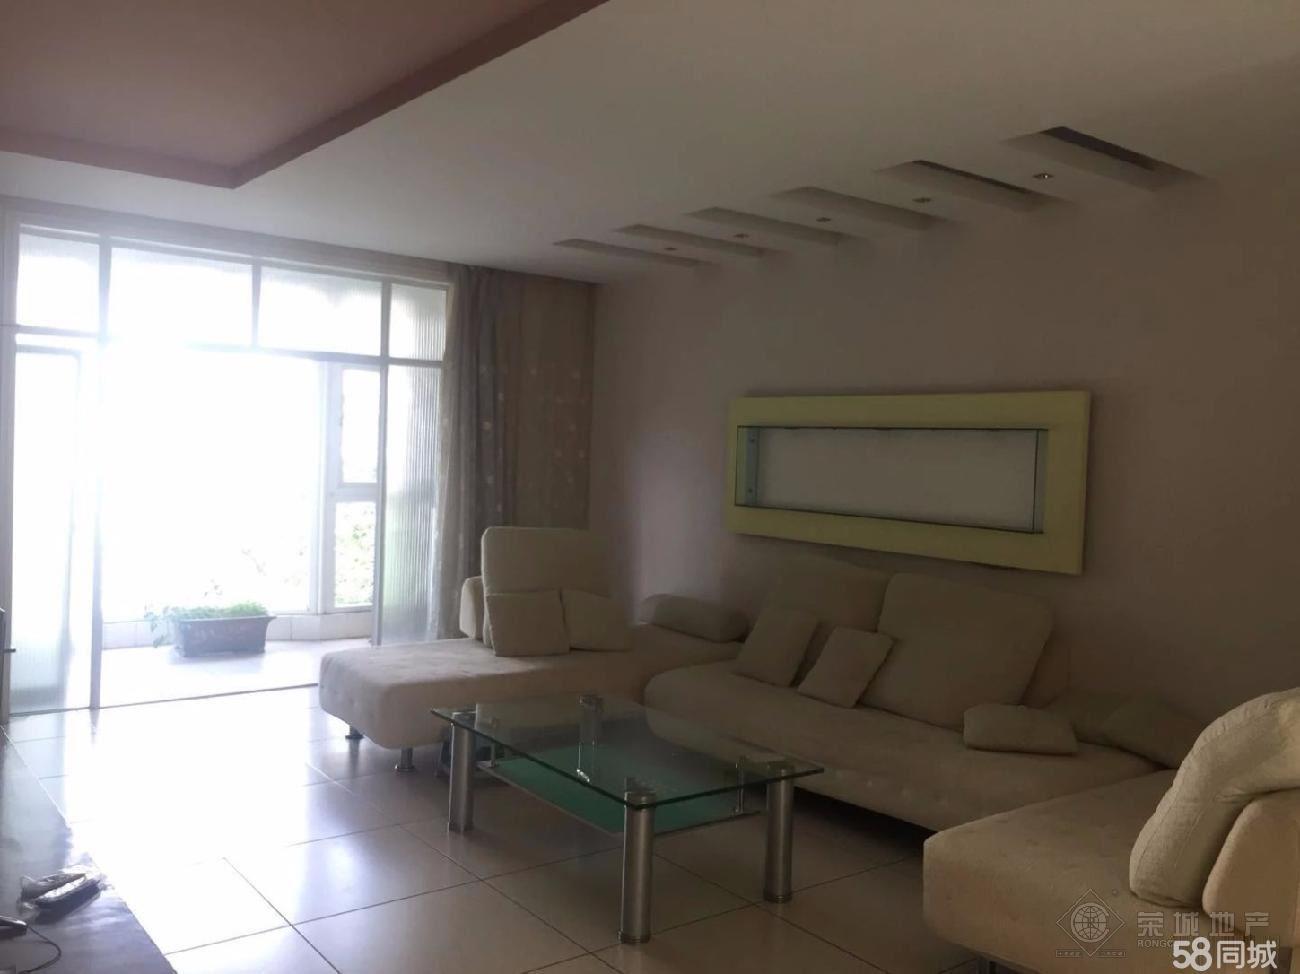 北苑锦湖苑130平米精装修带全套家具家电2300一个月澳门金沙平台